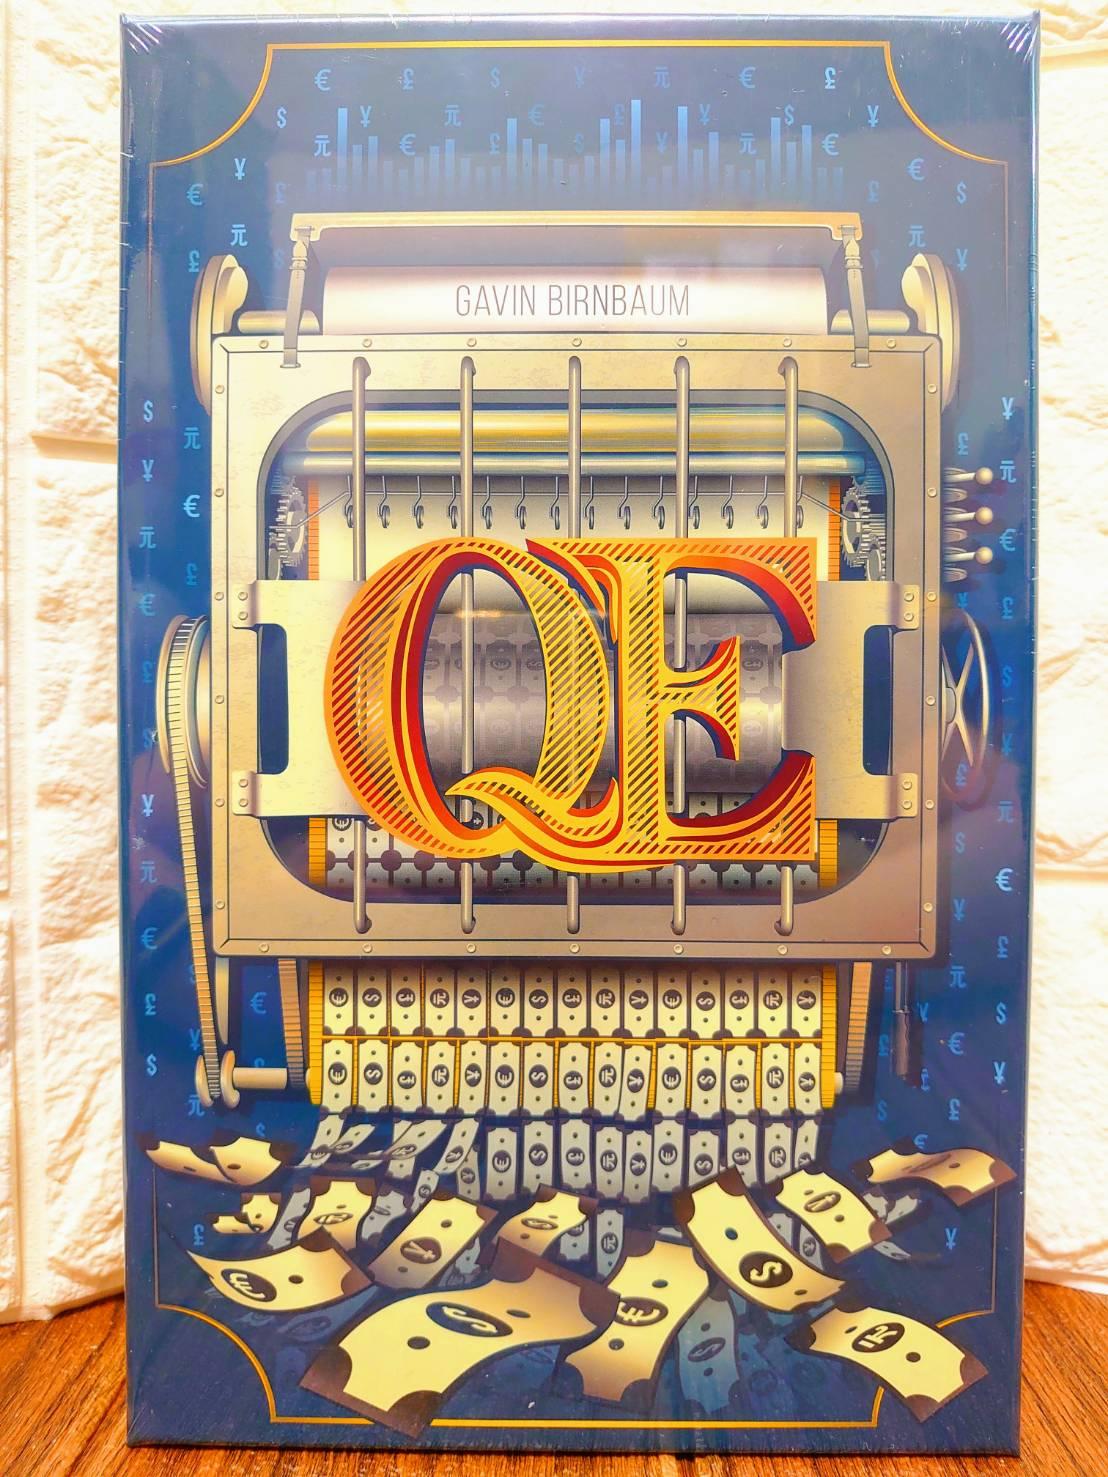 【桌遊侍】Q.E. 量化寬鬆 英文版 正版實體店面快速出貨《免運》QE.量化寬鬆.競標桌遊.策略遊戲.紙筆遊戲.輕度策略